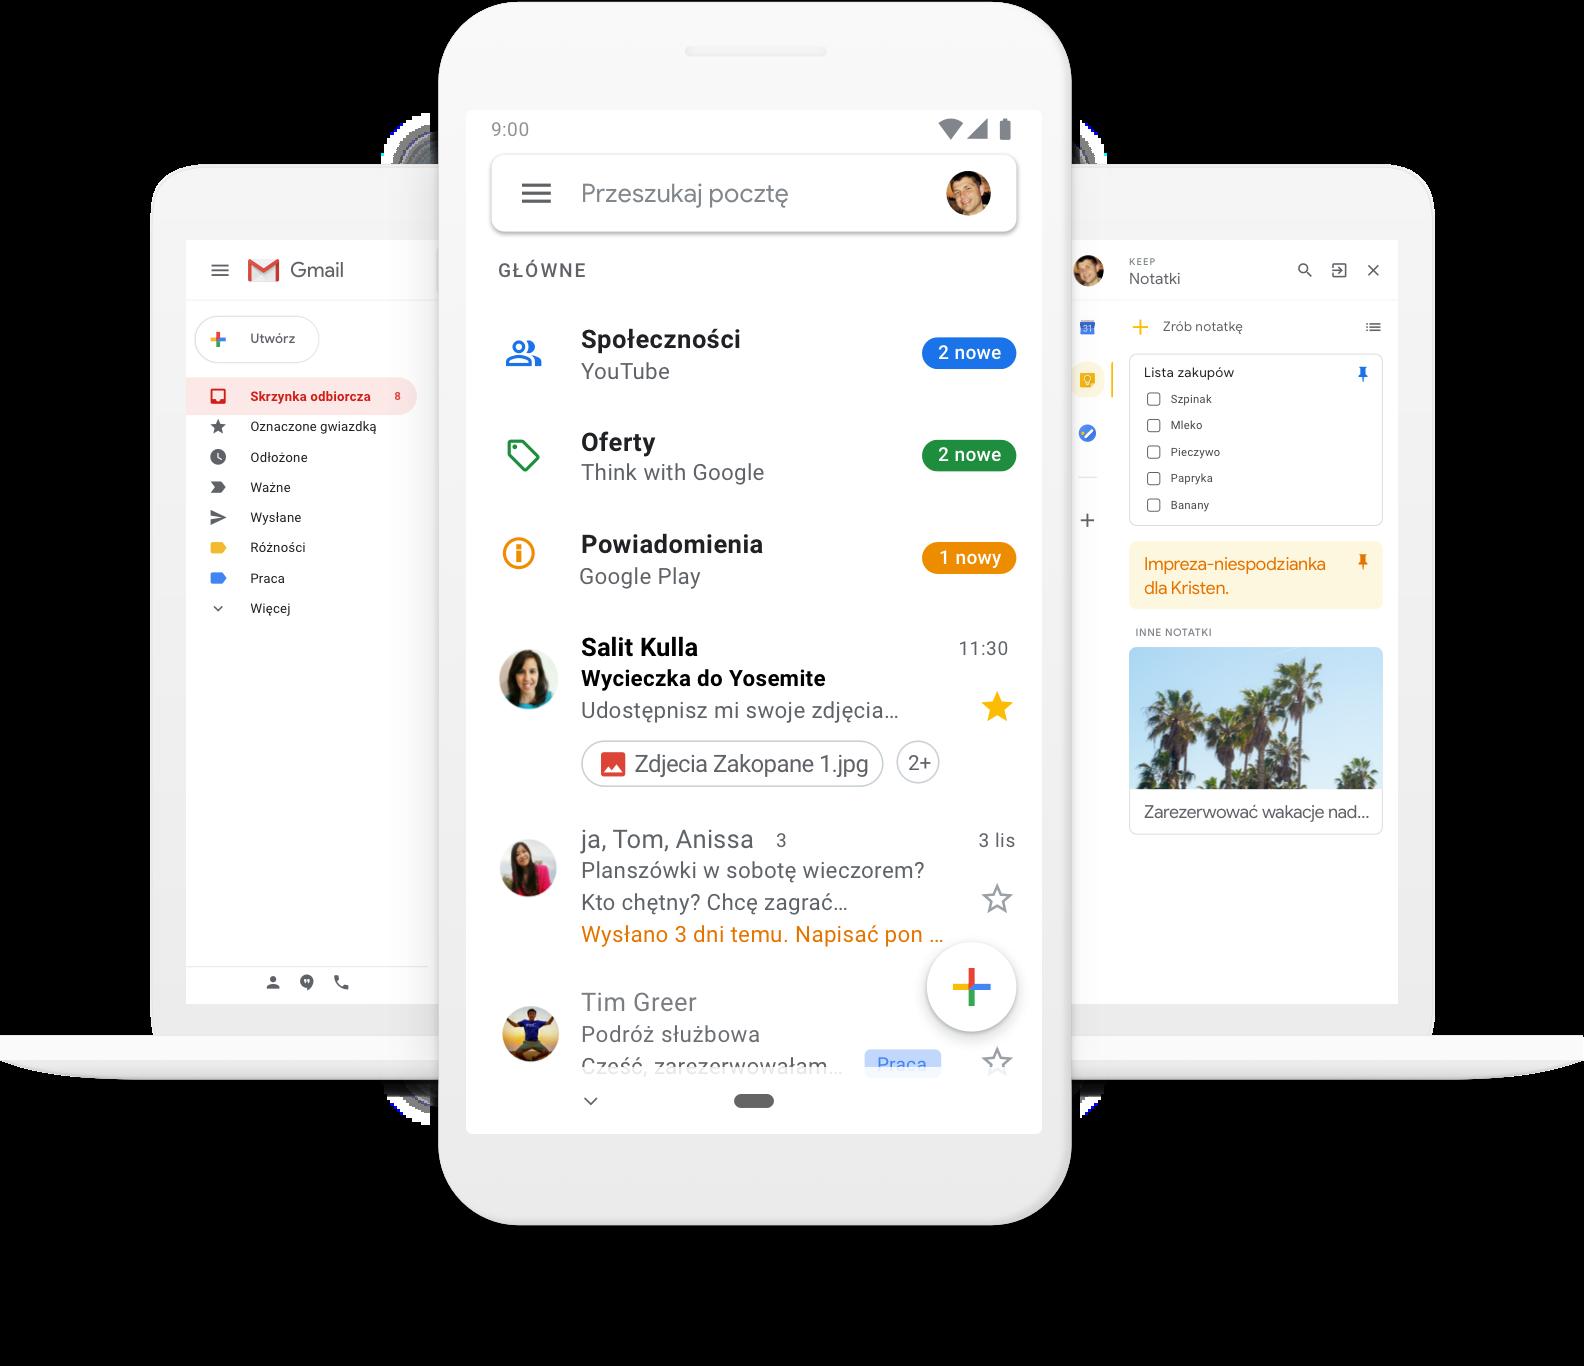 Gmail - bezpłatne miejsce na dane i poczta e-mail od Google